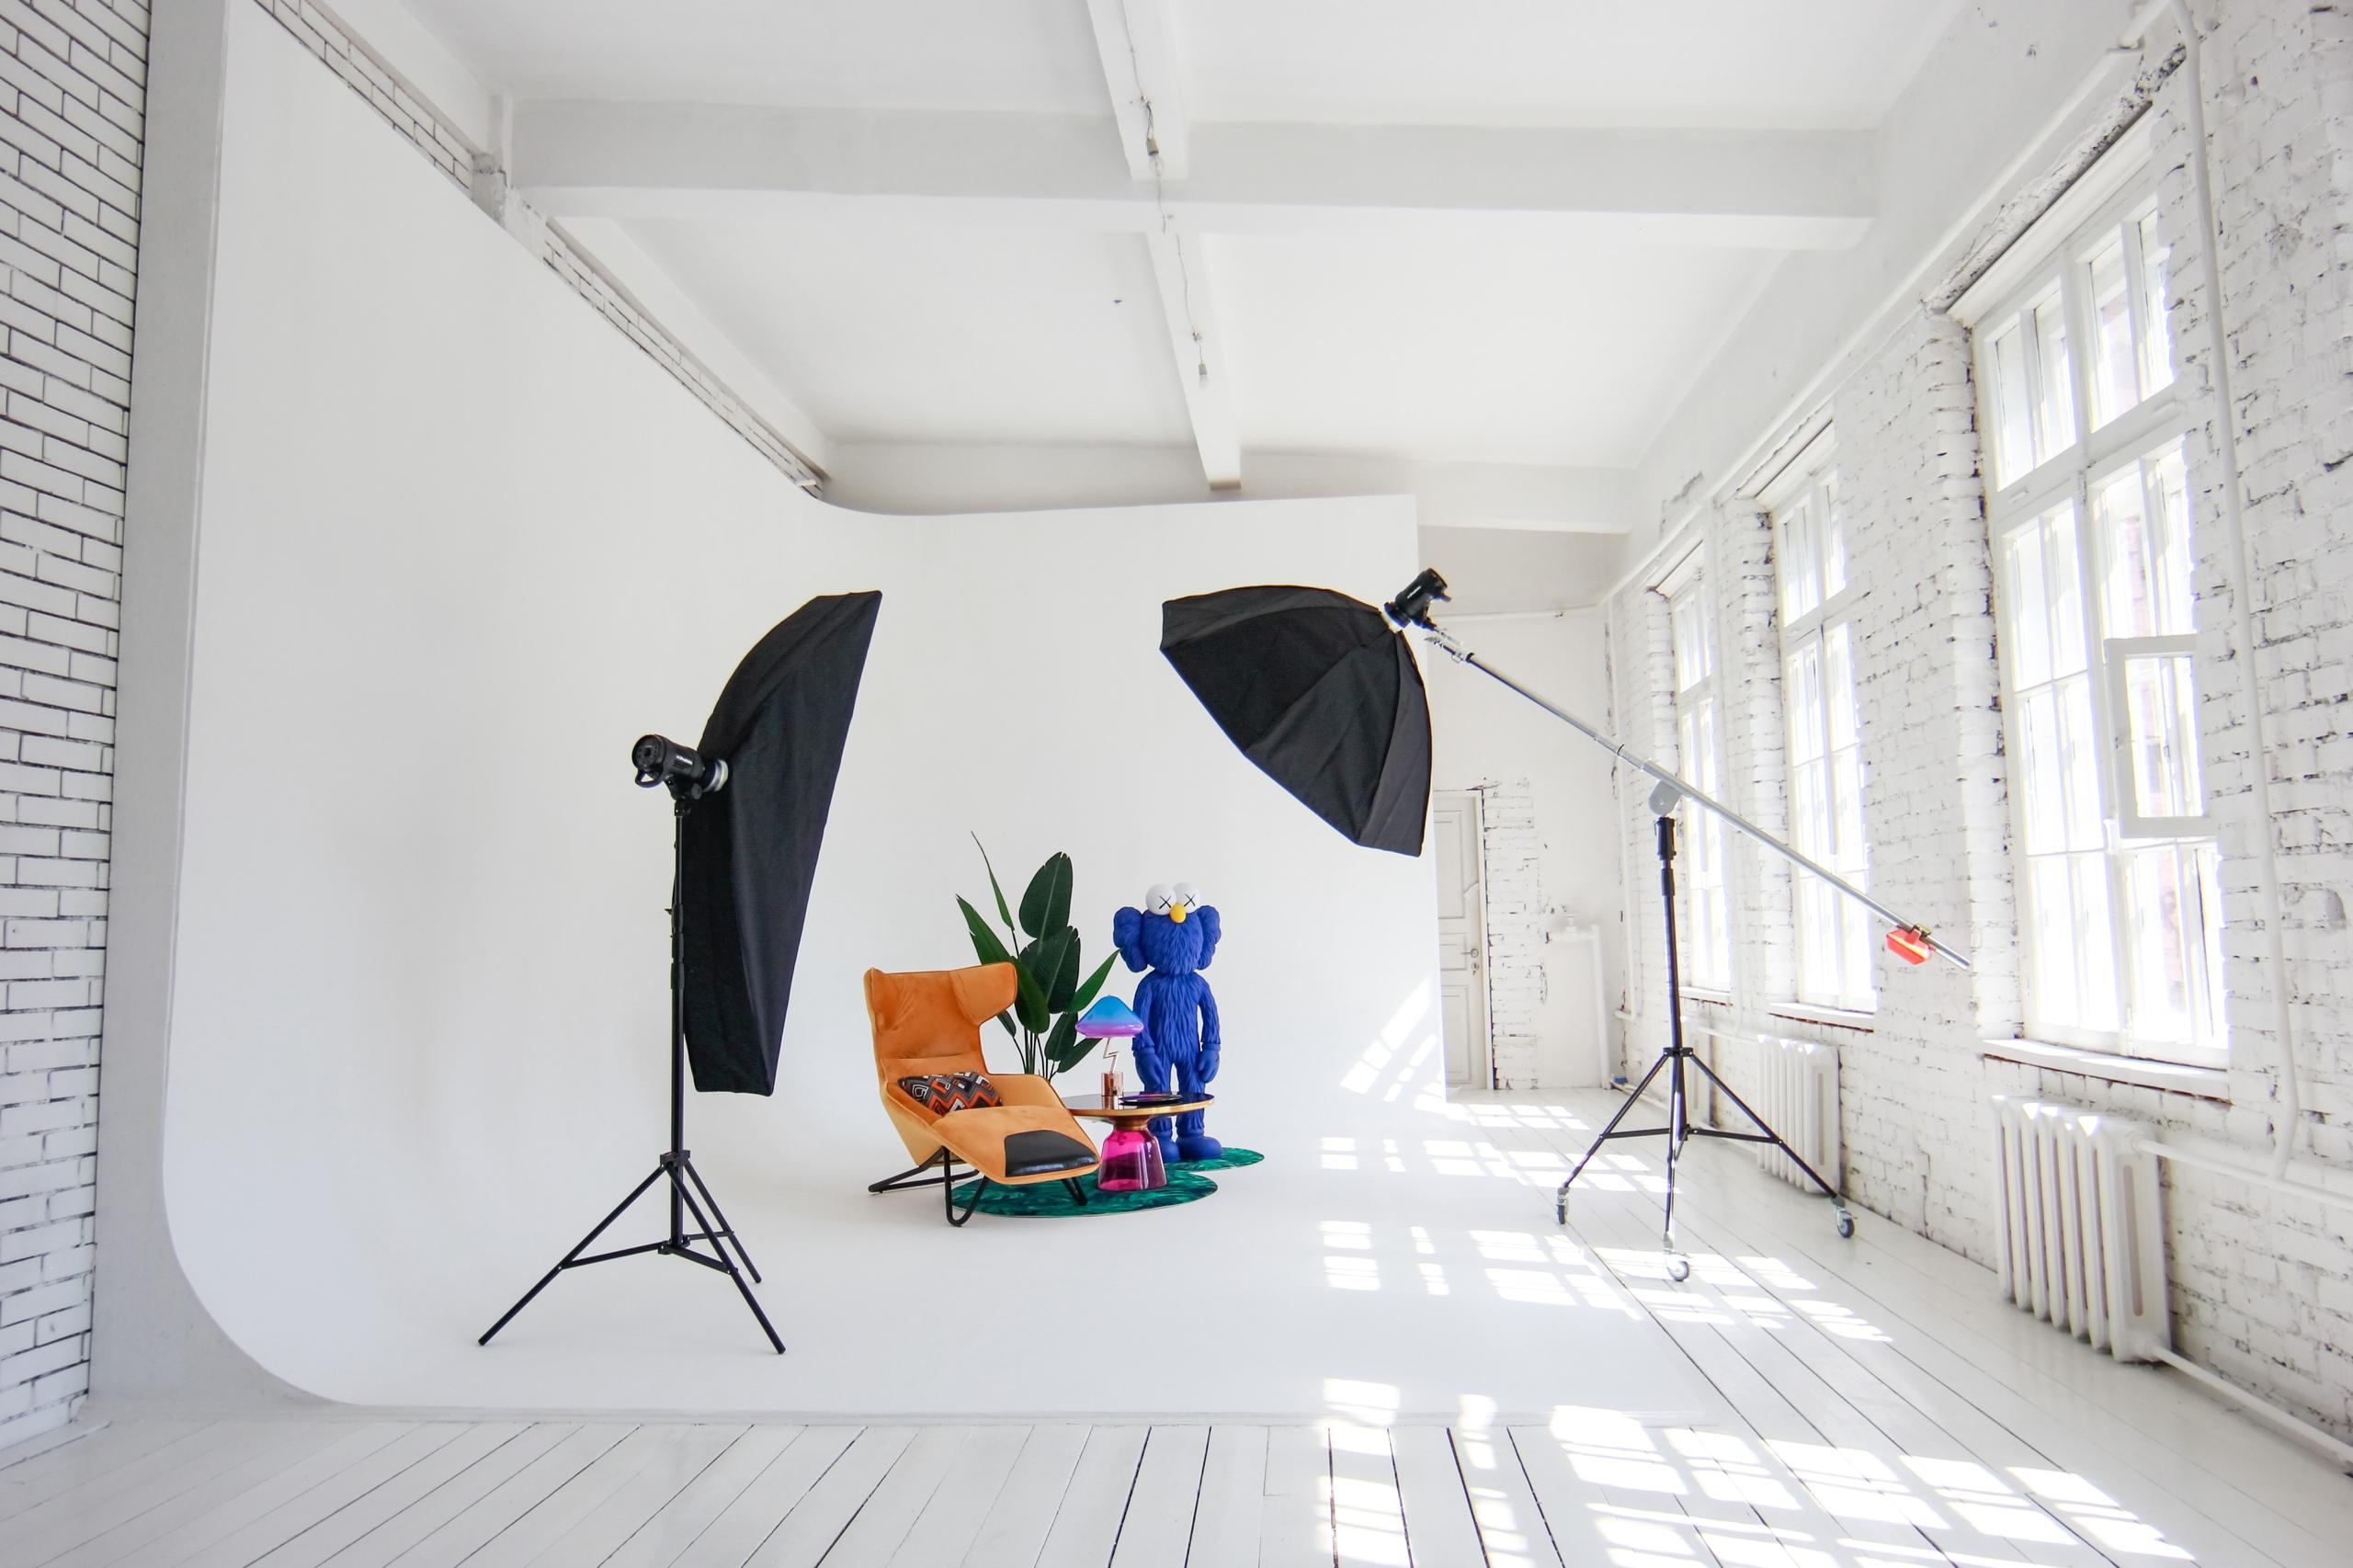 лучшие студии для фотосессии в санкт петербурге